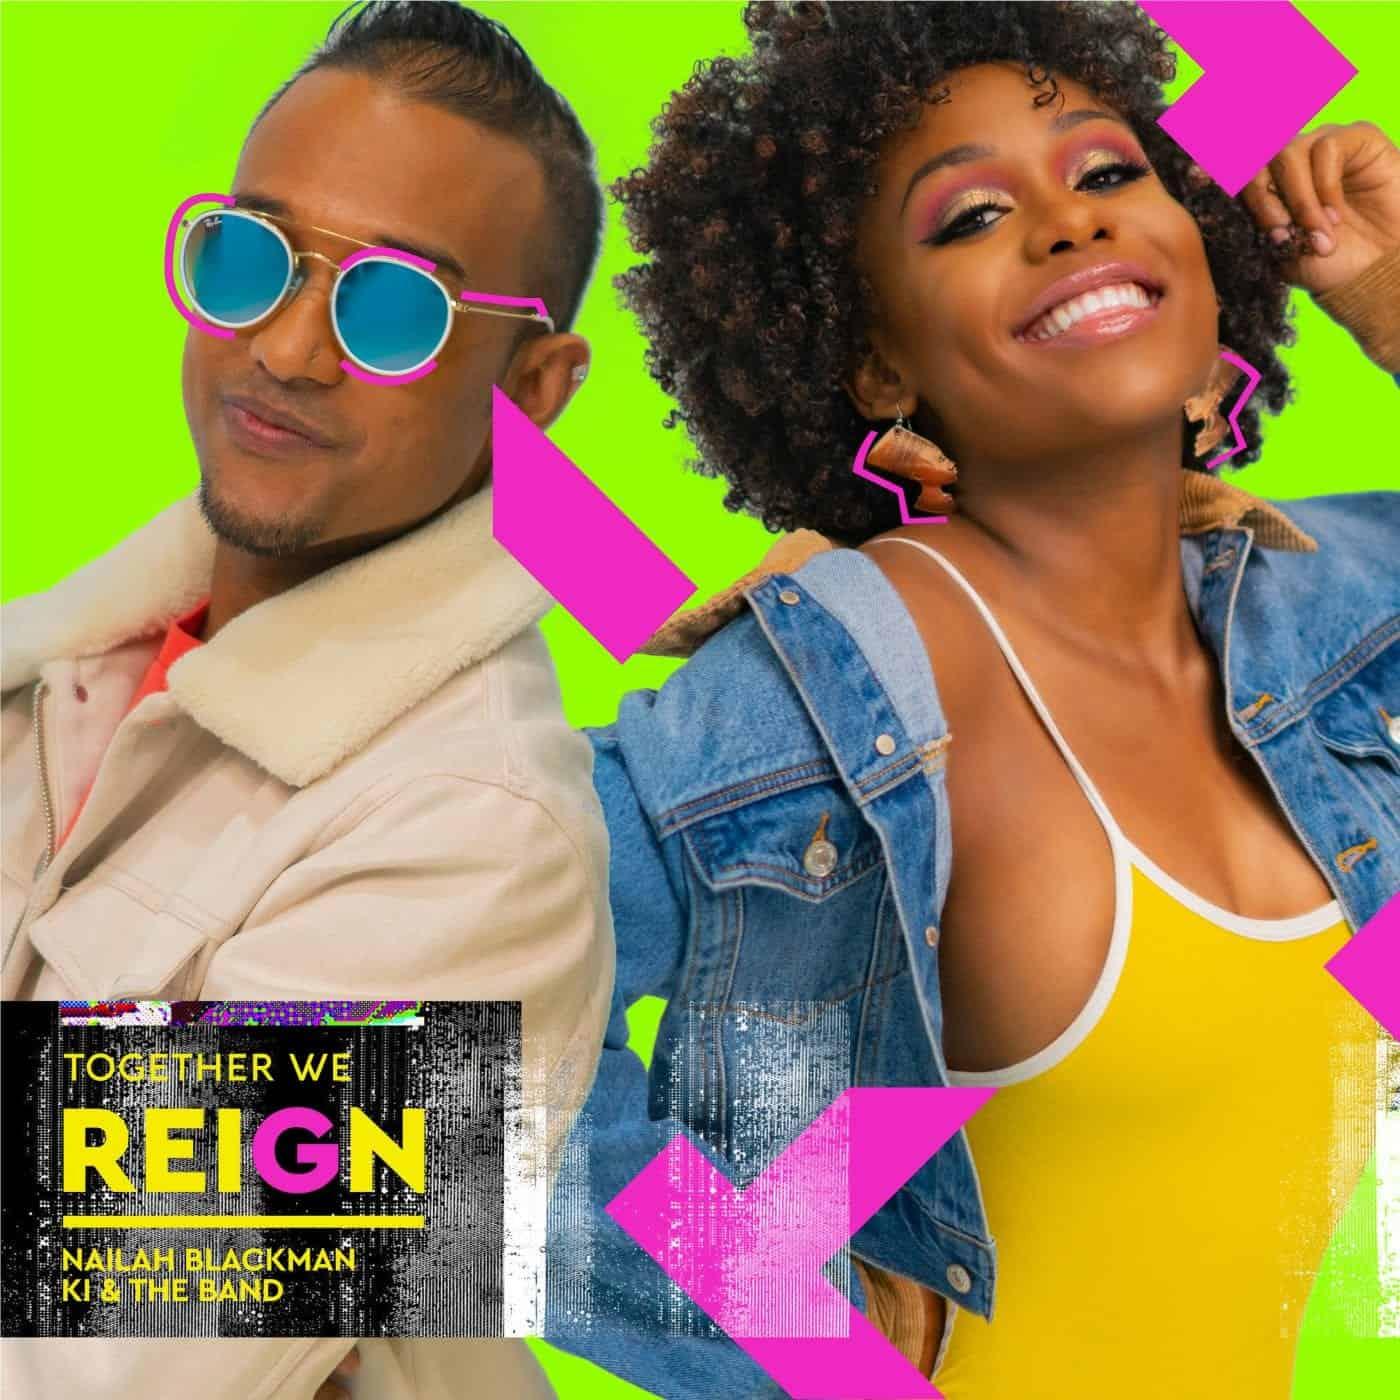 Nailah Blackman & KI and The Band - Together We Reign